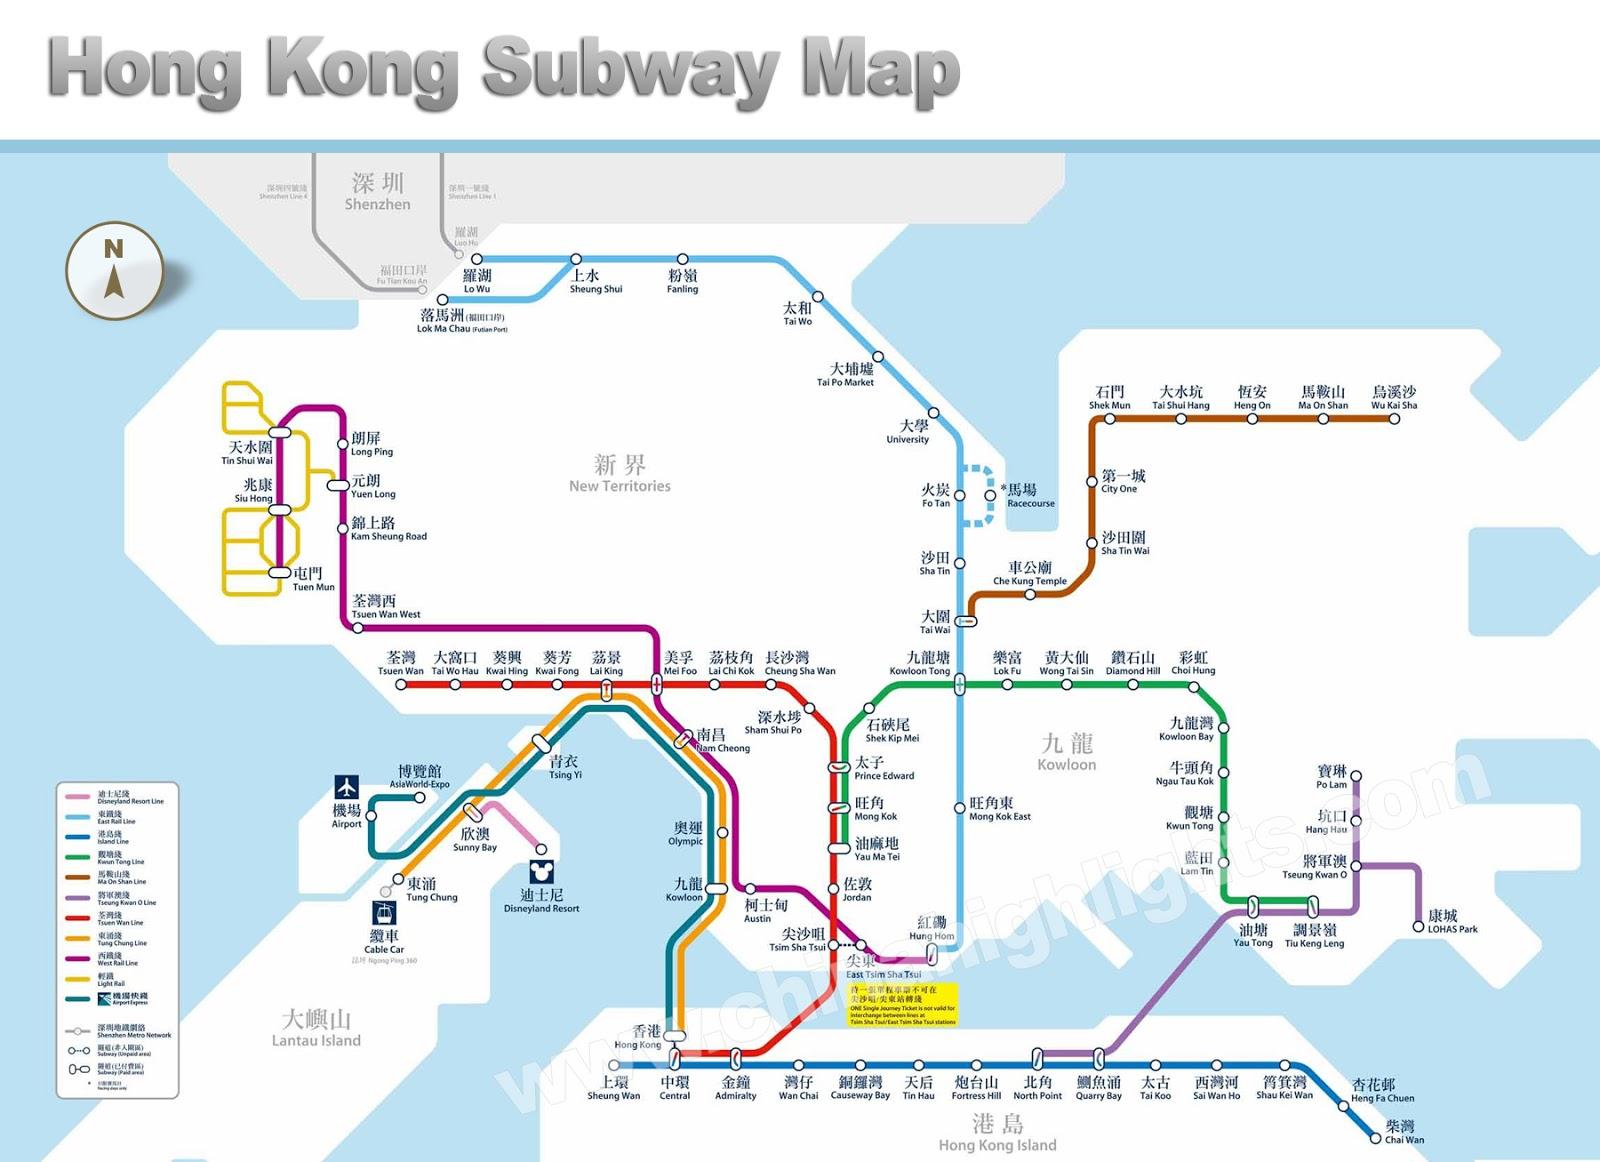 Hong Kong Subway Map Download.Hong Kong Subway Map Printable Hong Kong Mtr Map Subway Metro Tube